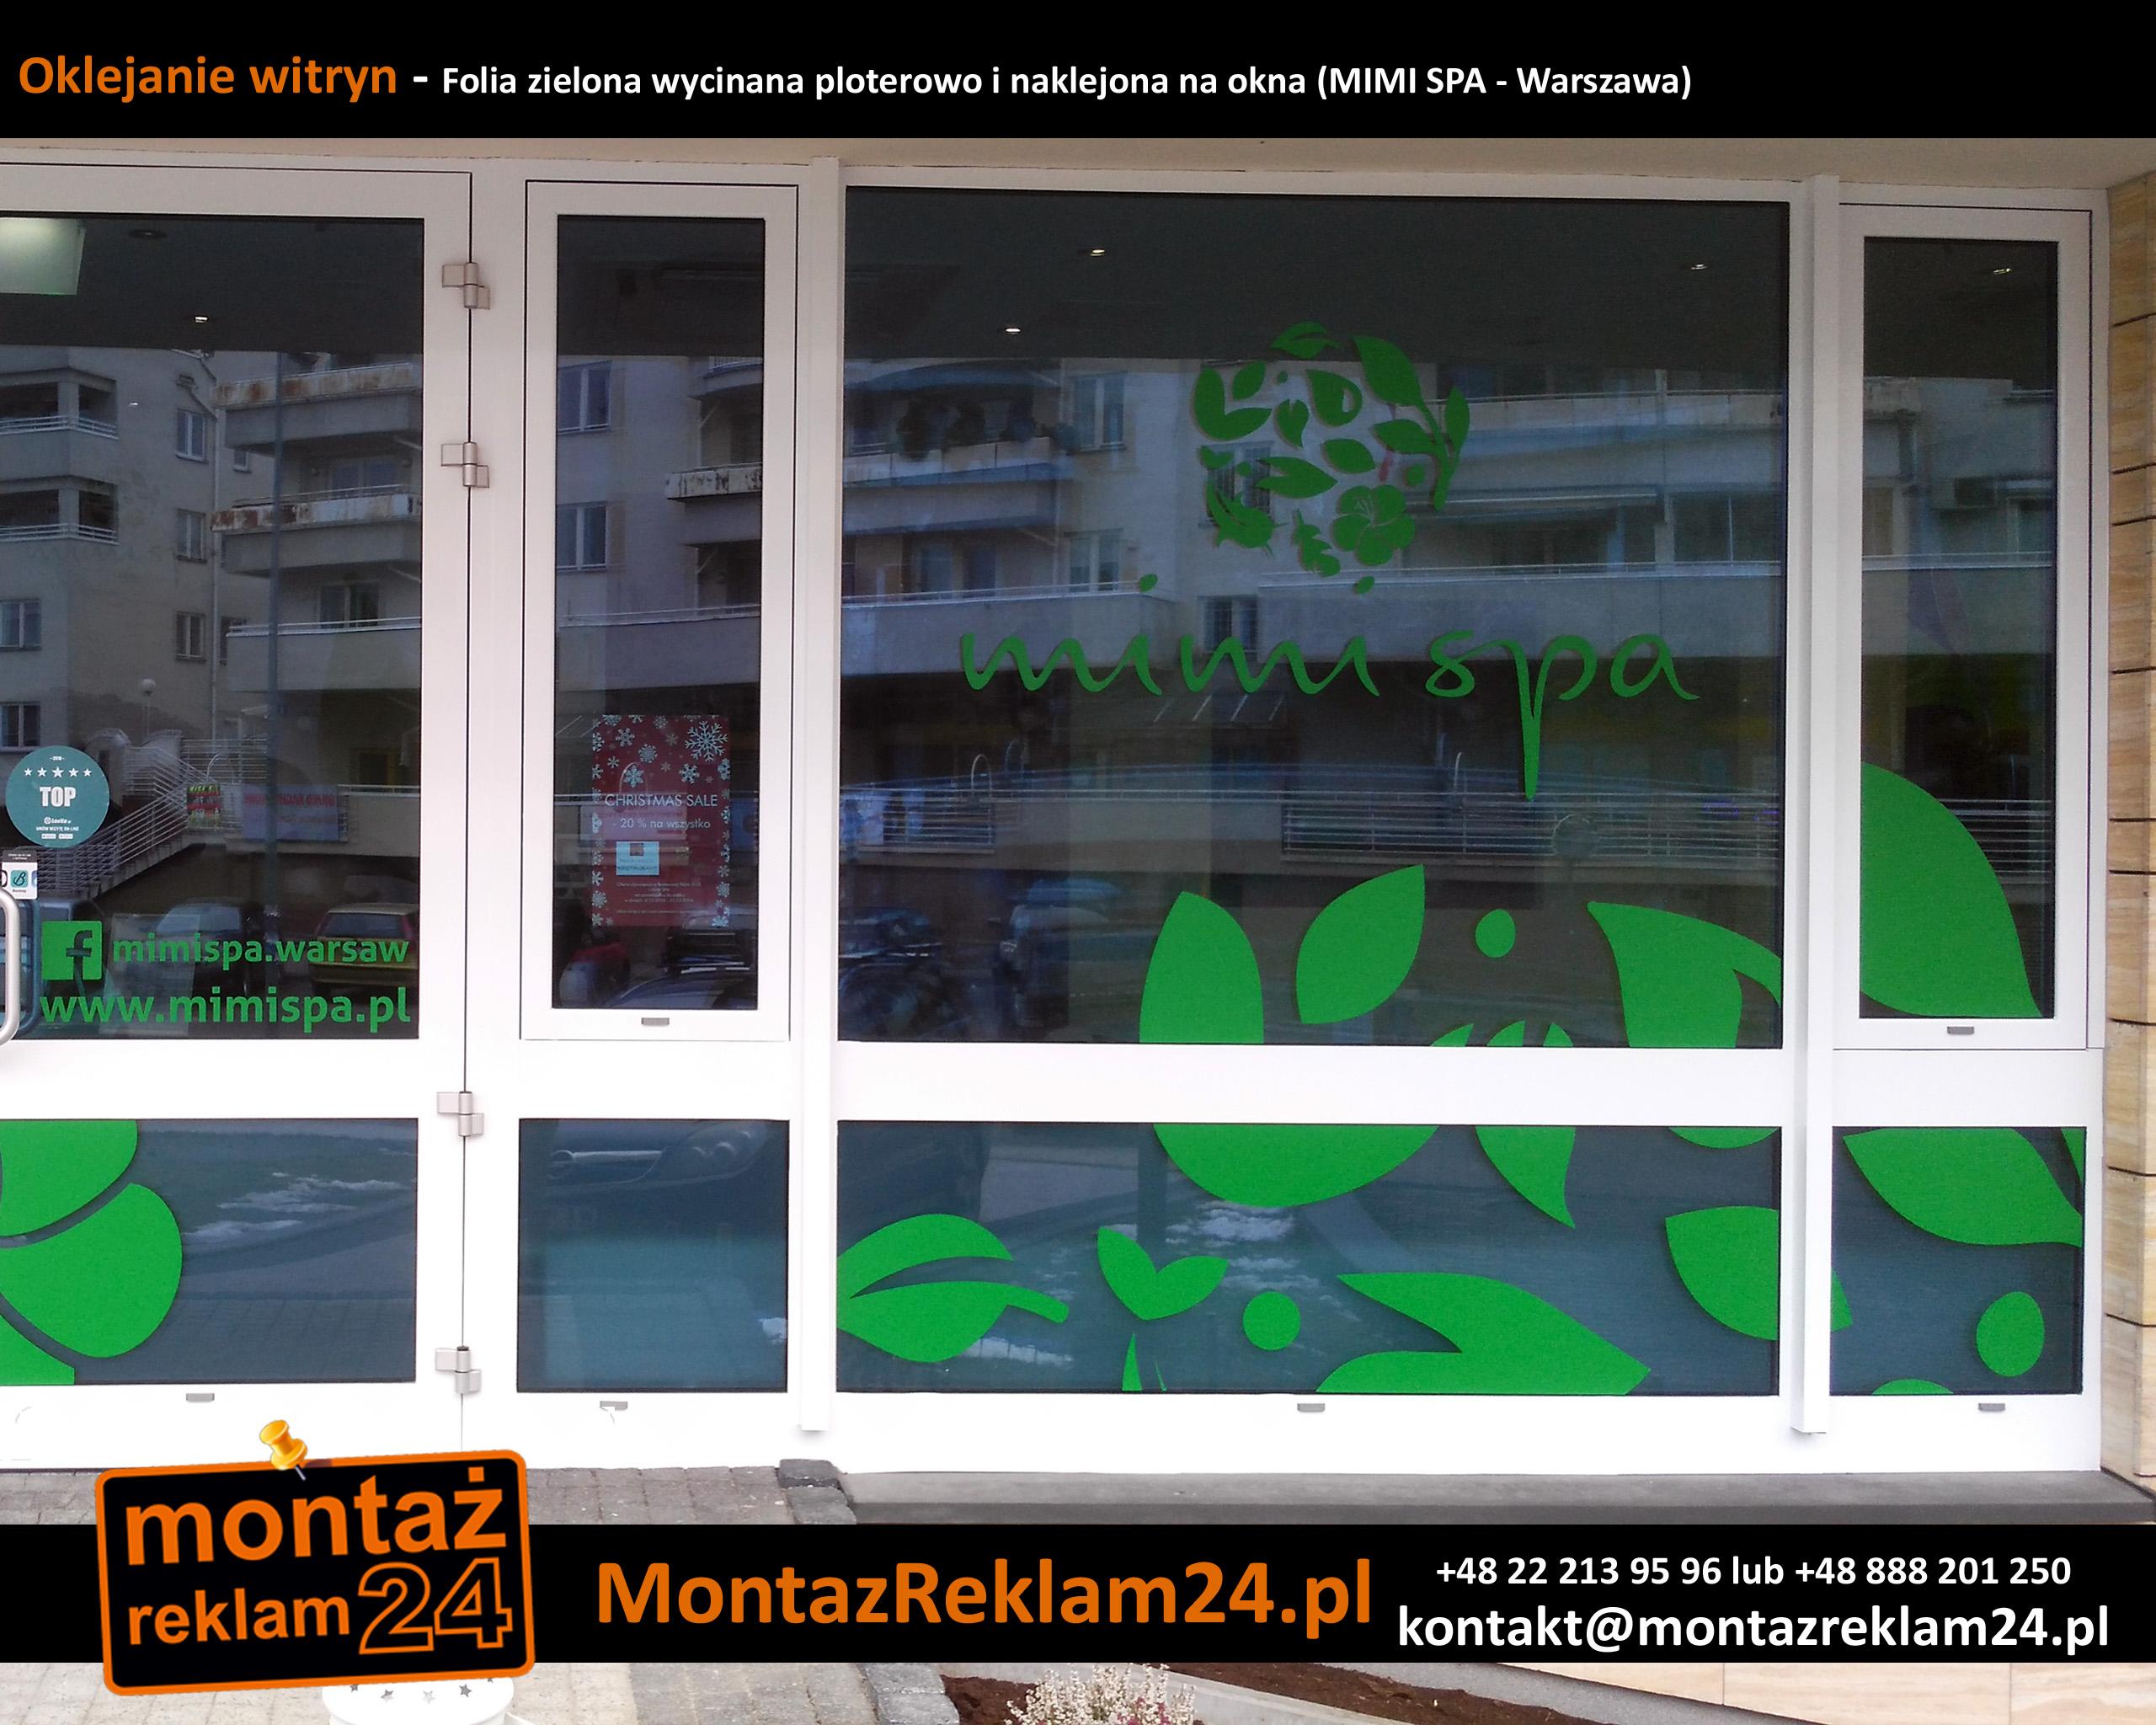 Oklejanie witryn - Folia zielona wycinana ploterowo i naklejona na okna (MIMI SPA - Warszawa).jpg